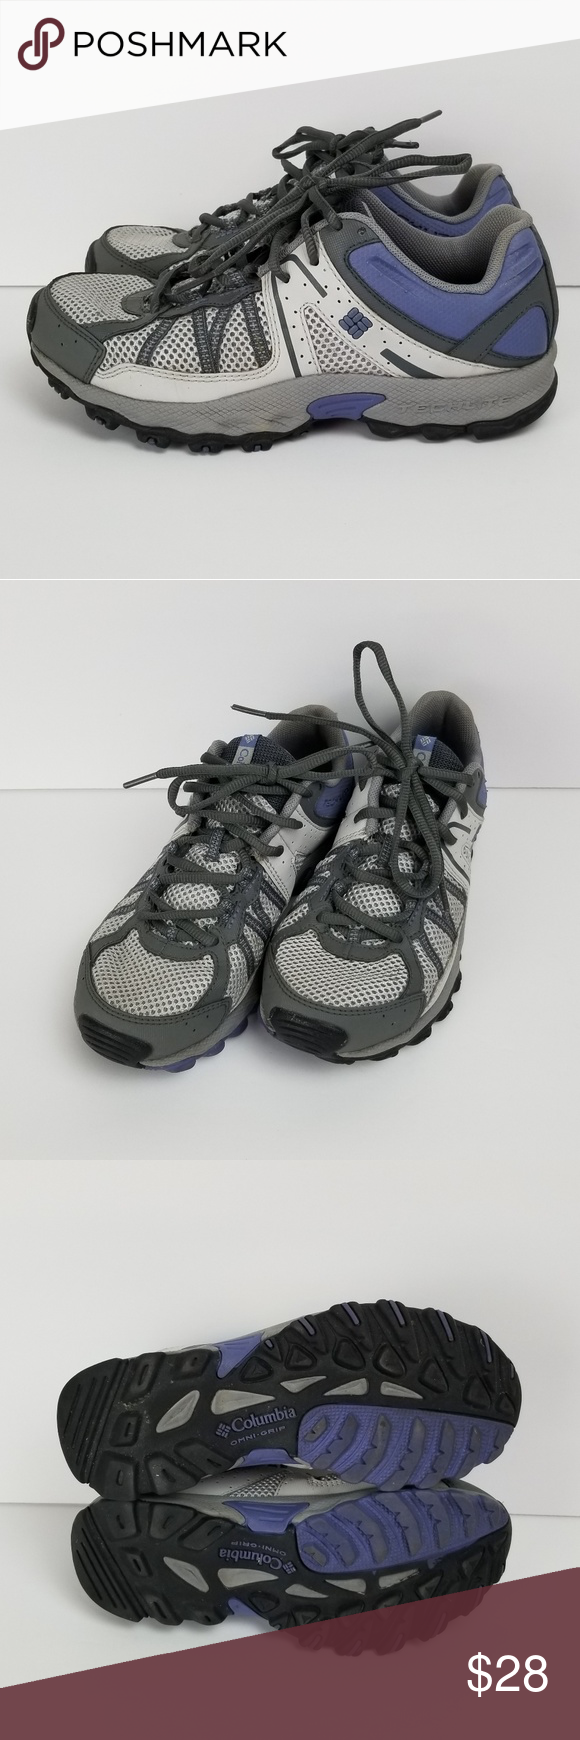 Columbia Women's Tech Lite Omni Grip Shoes sz 6.5 Columbia